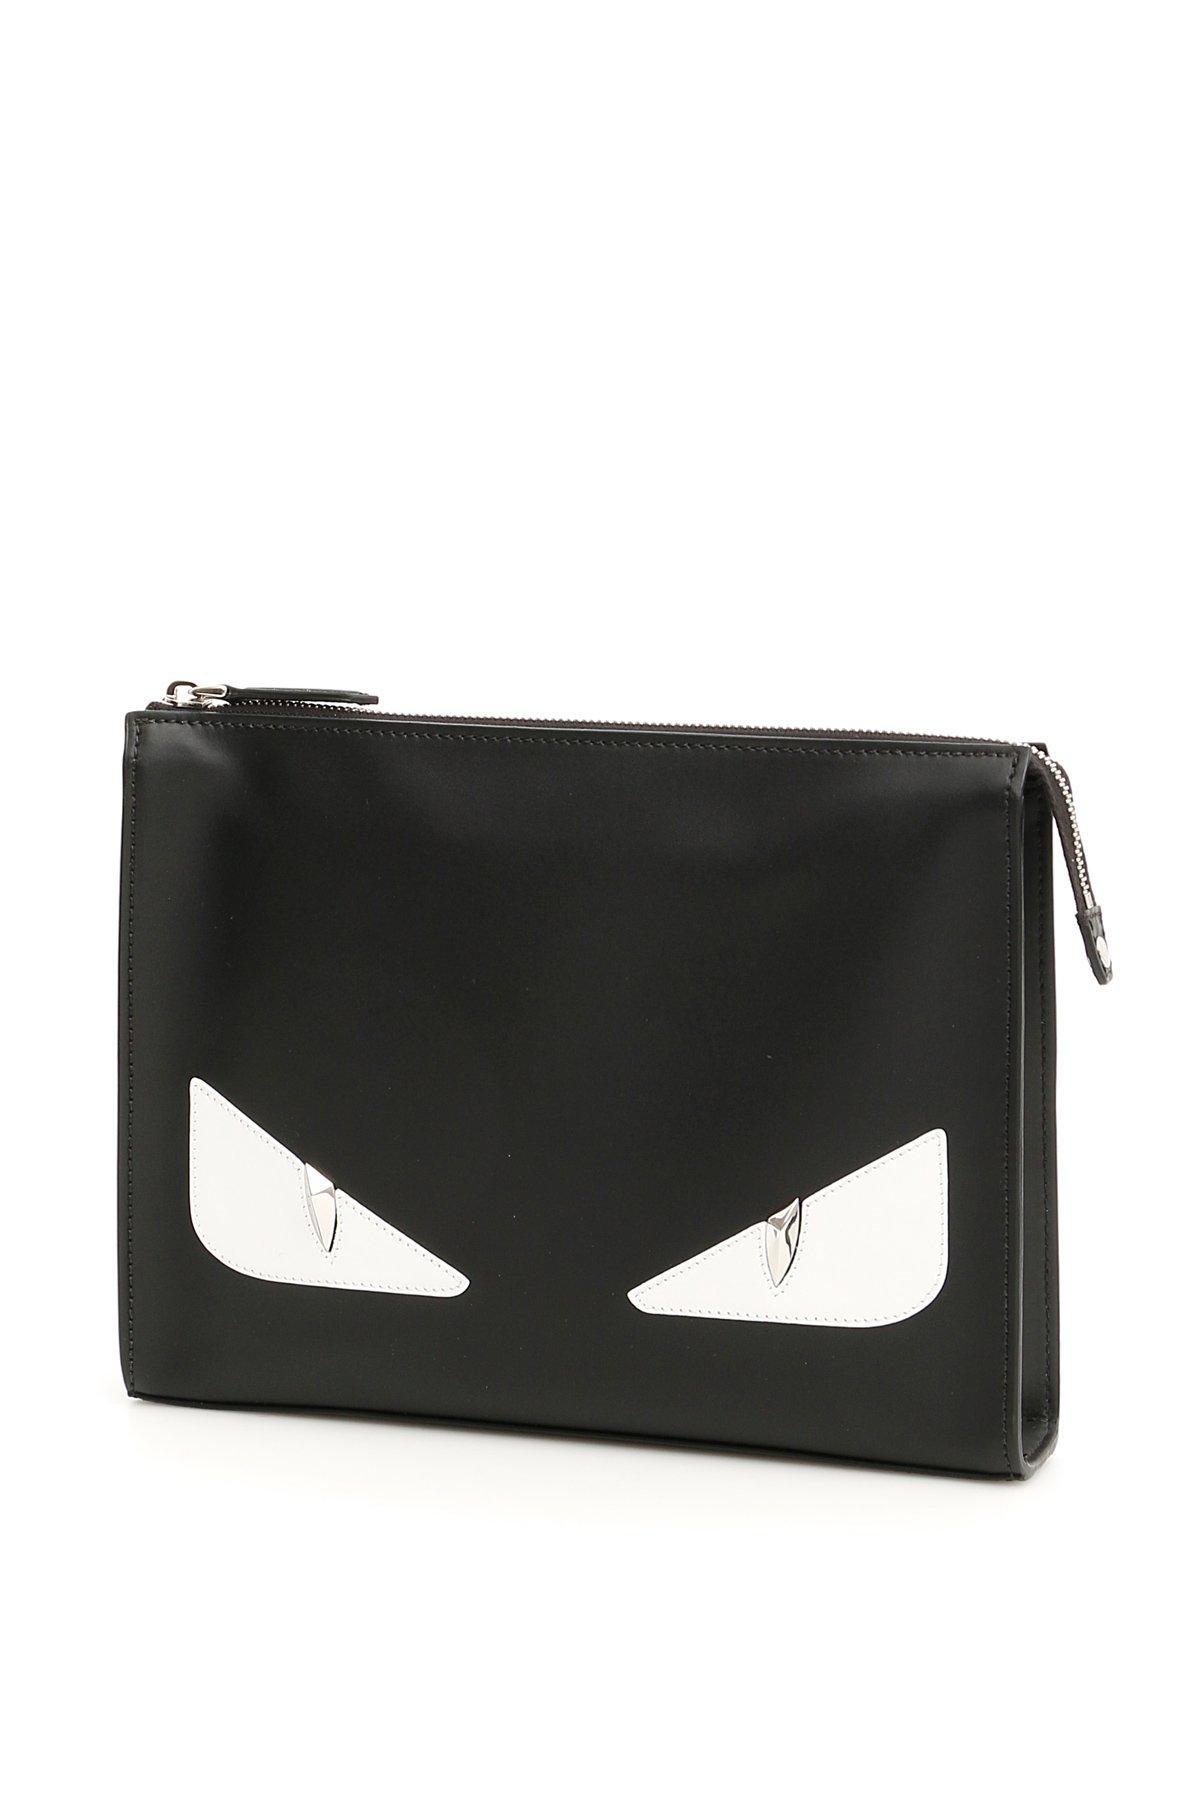 e2e00c1312ec Fendi Bag Bugs Leather Clutch Bag In Black. CETTIRE